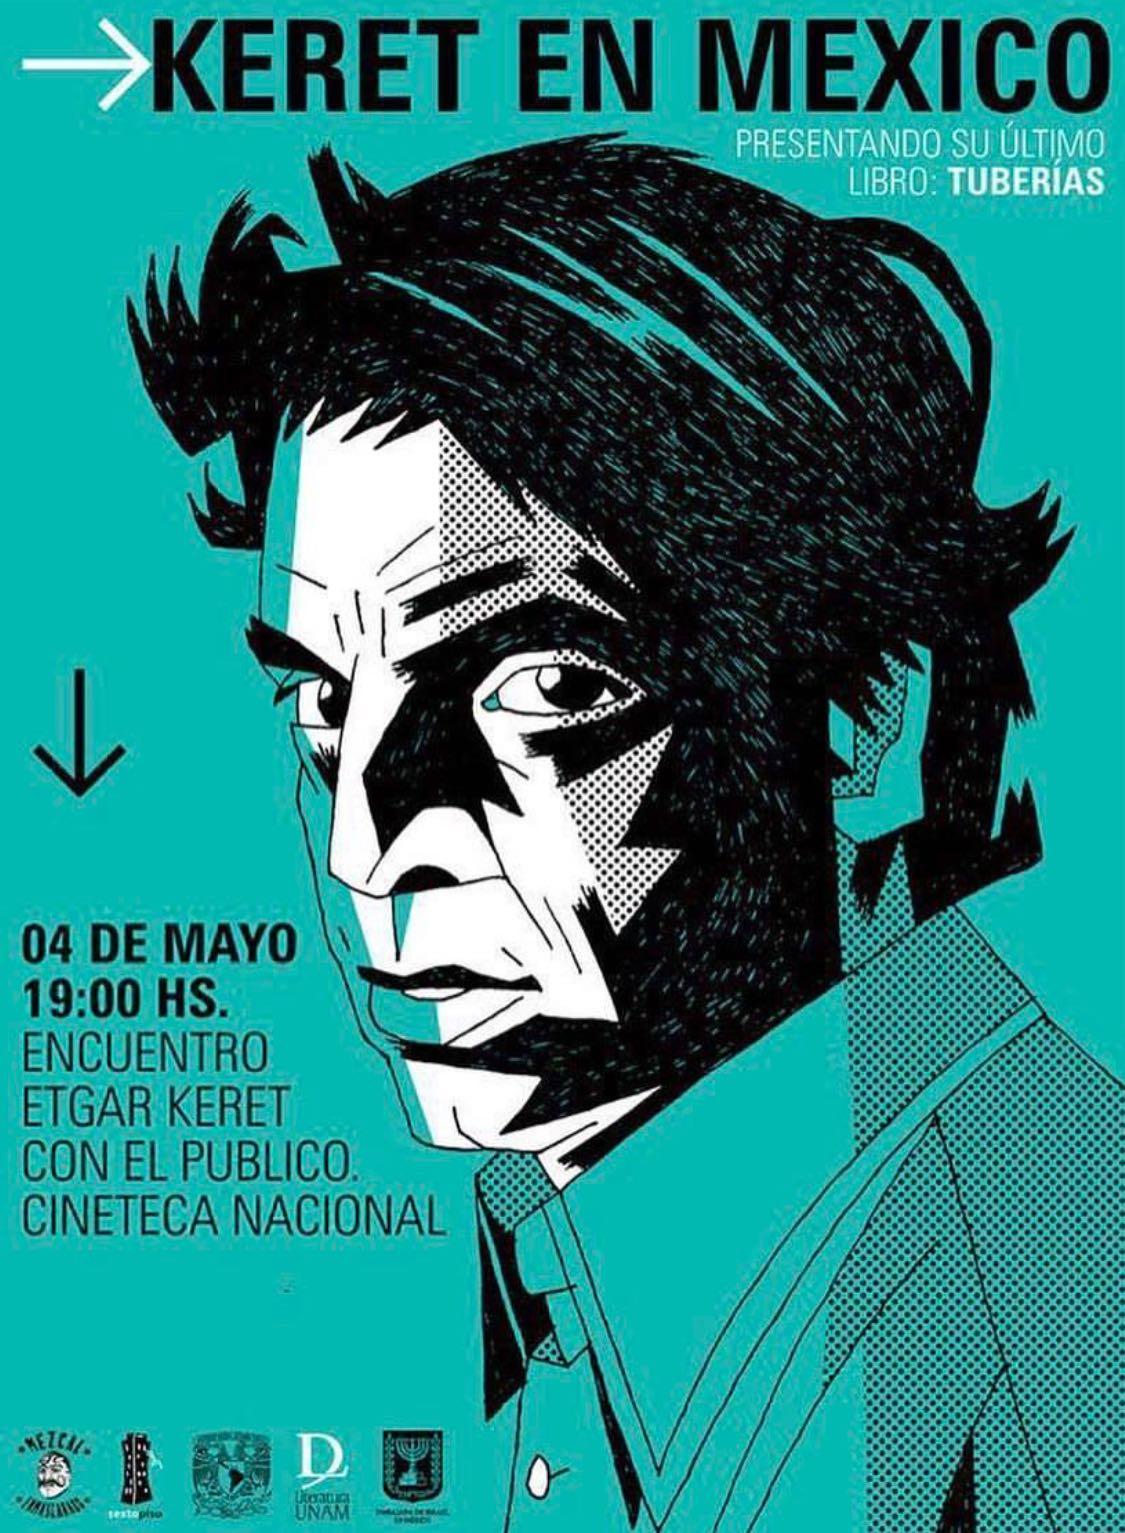 póster de la presentación de Keret en la Cineteca Nacional